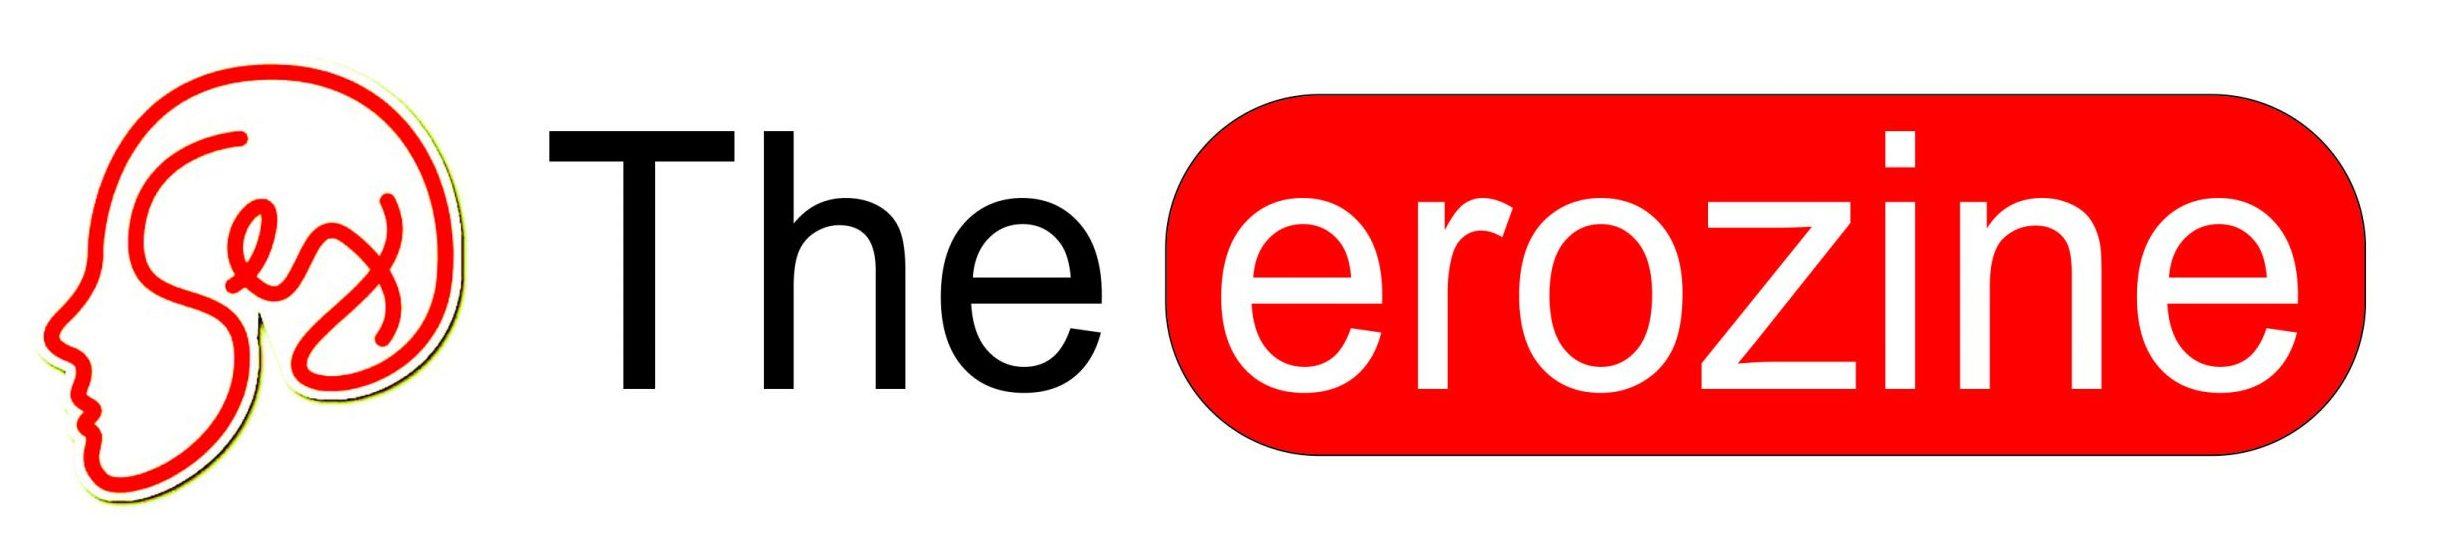 The Erozine